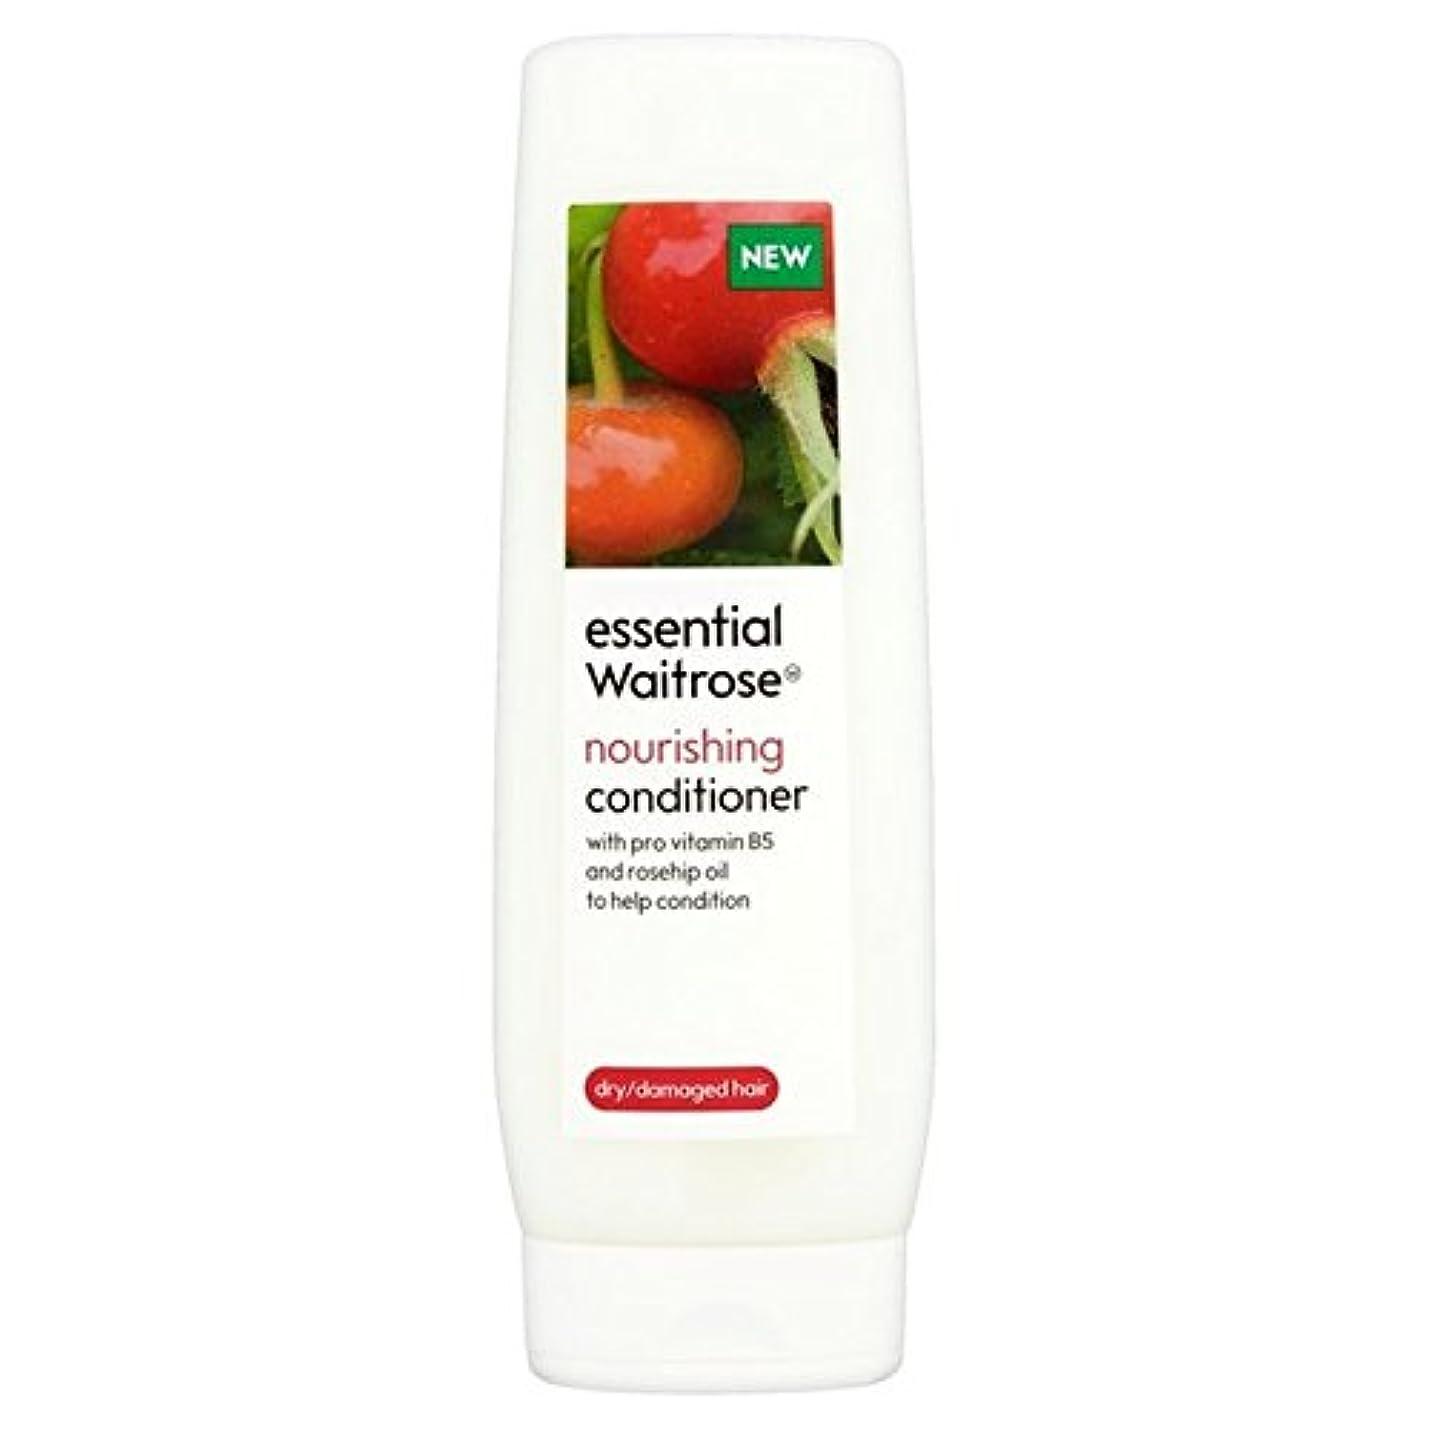 スライスすべて製品Conditioner for Dry & Damaged Hair essential Waitrose 300ml - ドライ&ダメージヘア不可欠ウェイトローズの300ミリリットルのためのコンディショナー [並行輸入品]